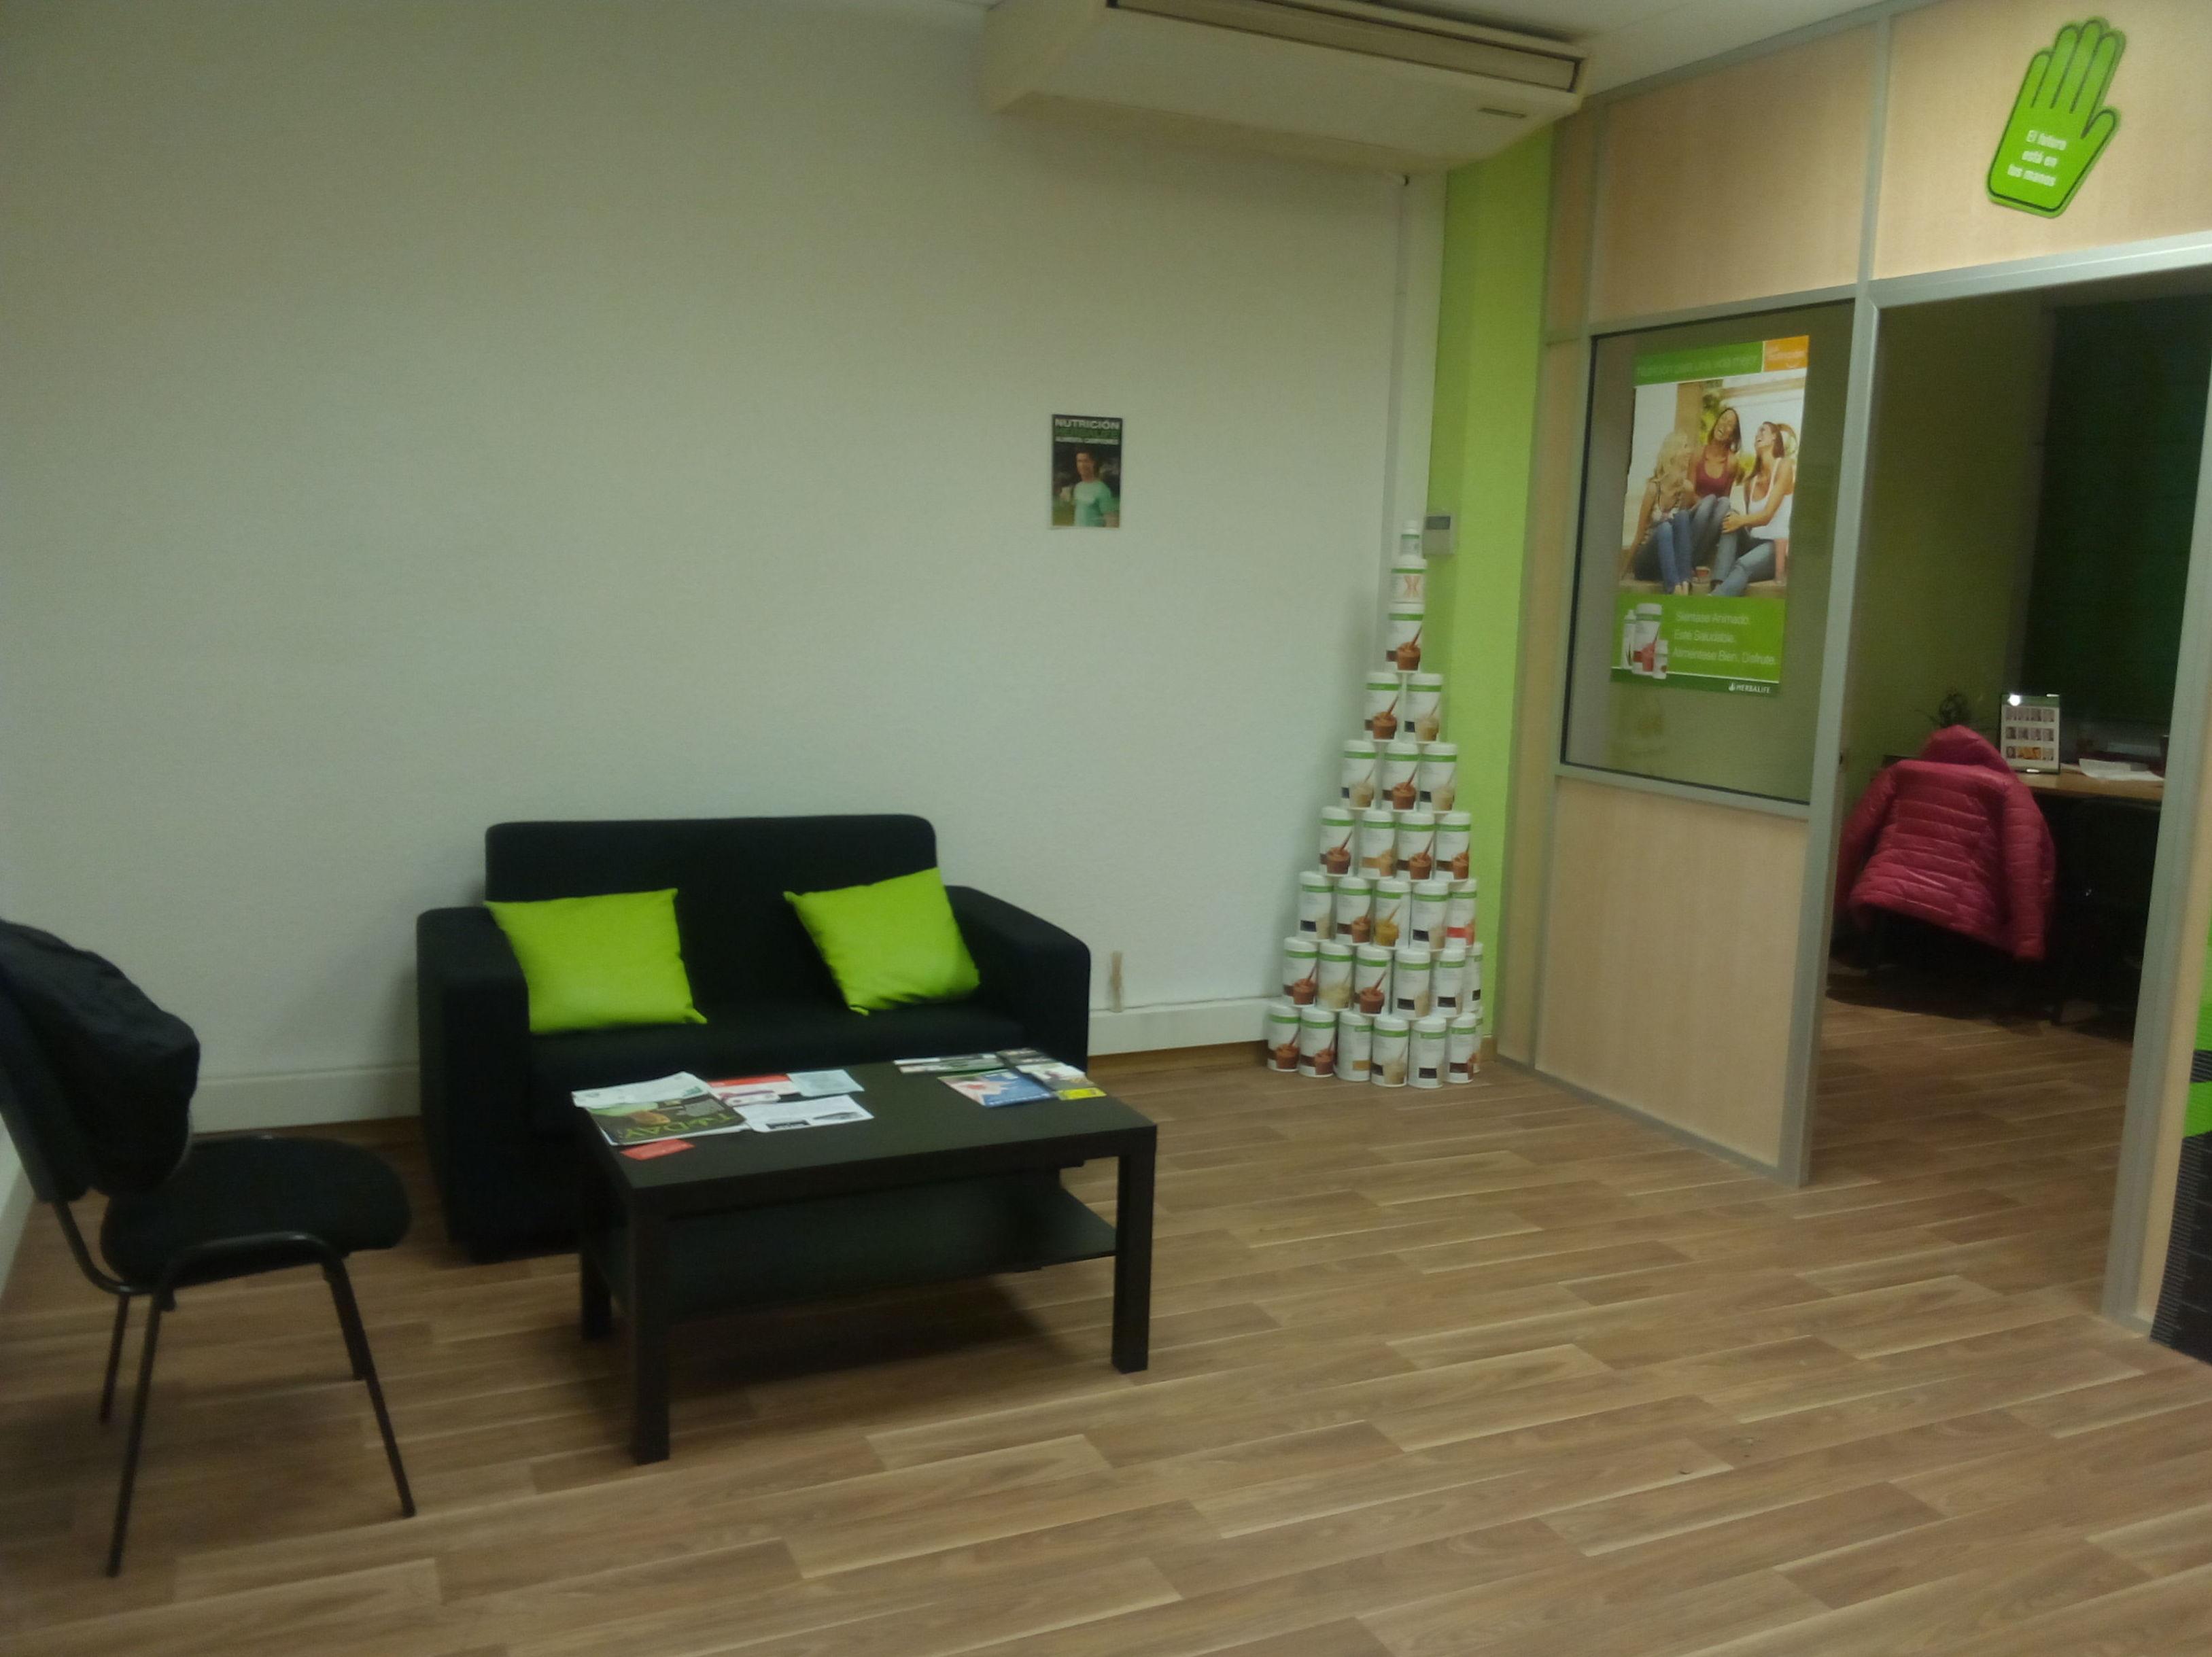 Foto 17 de Dietética y nutrición en Alcalá de Henares | Centro de Bienestar Ludi